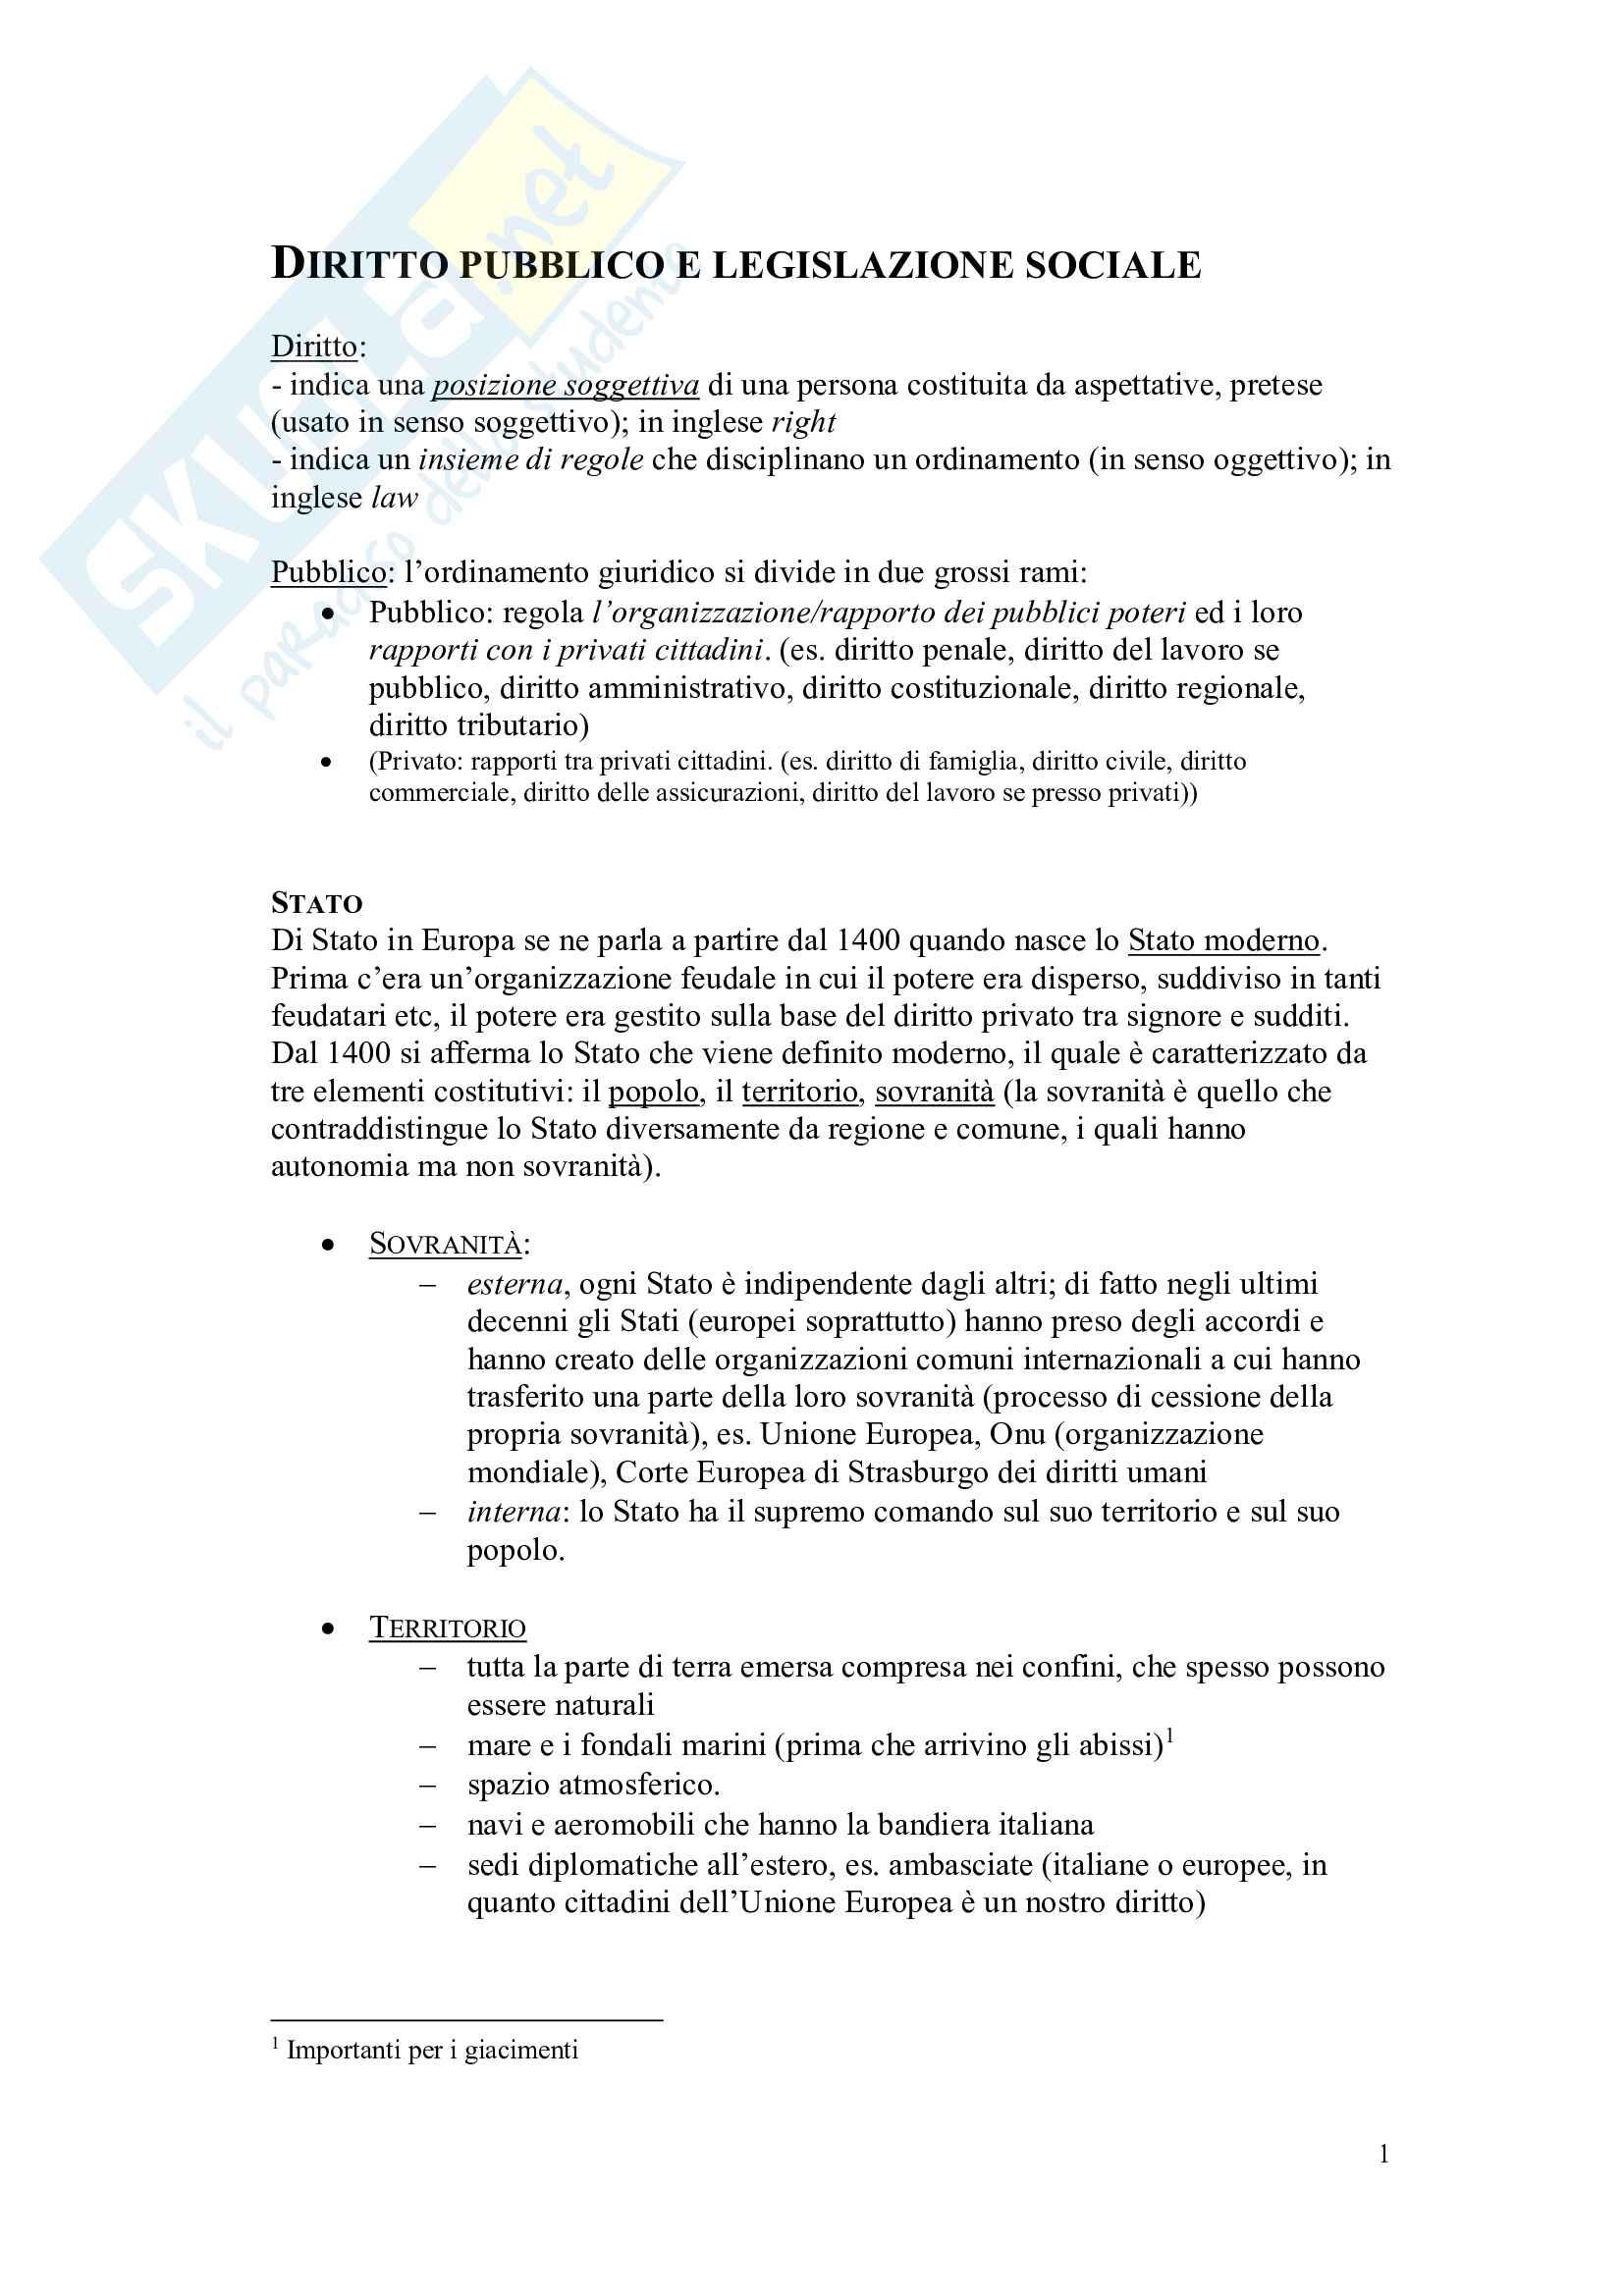 Diritto pubblico e legislazione sociale